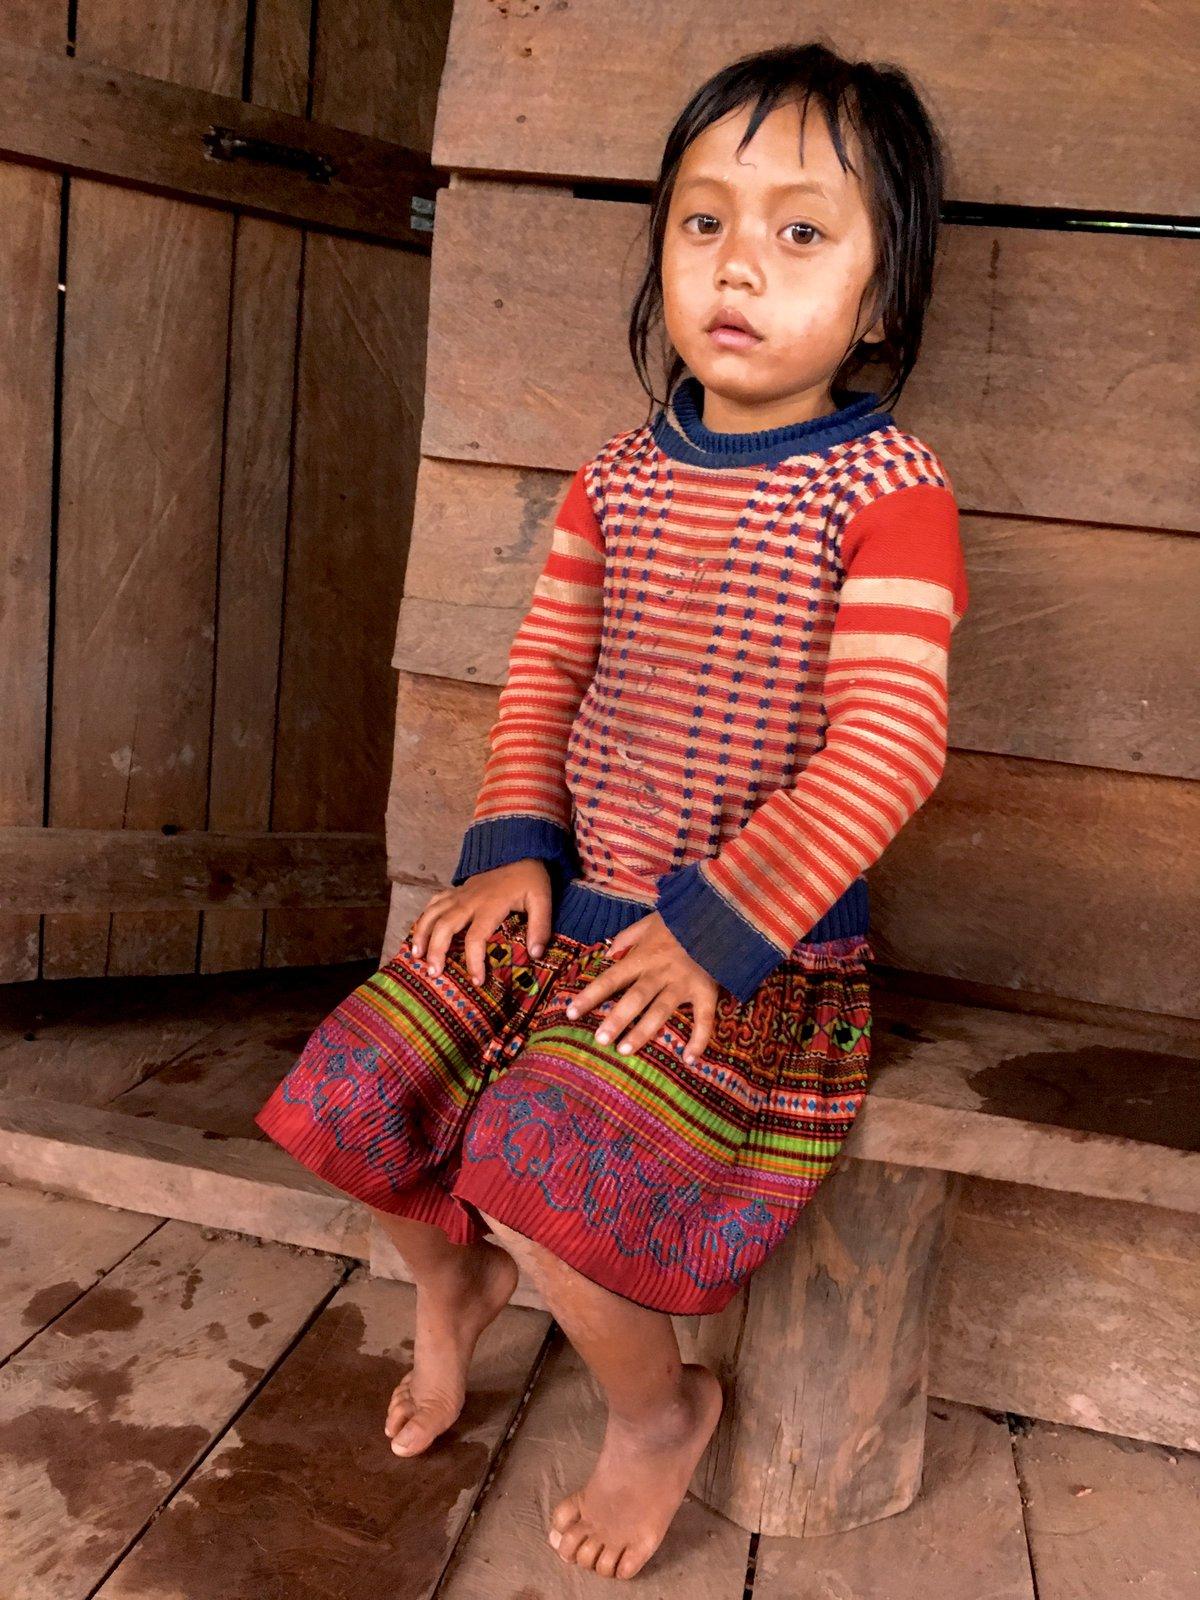 простая жизнь в деревнях